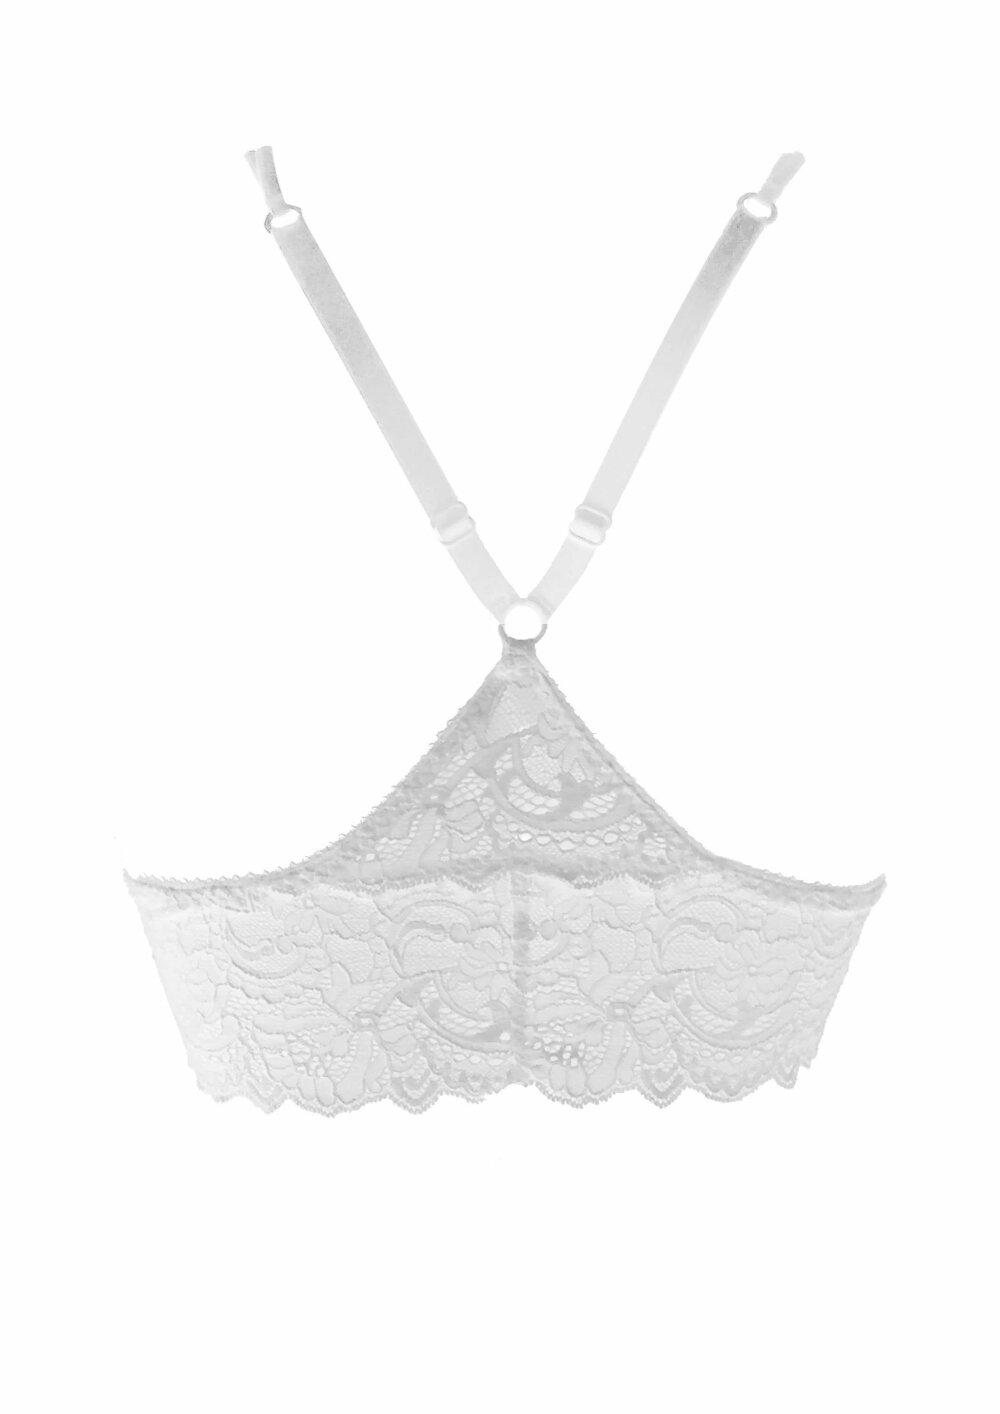 Brassière/soutien gorge triangle blanc en dentelle de calais et lycra nylon Anaelle